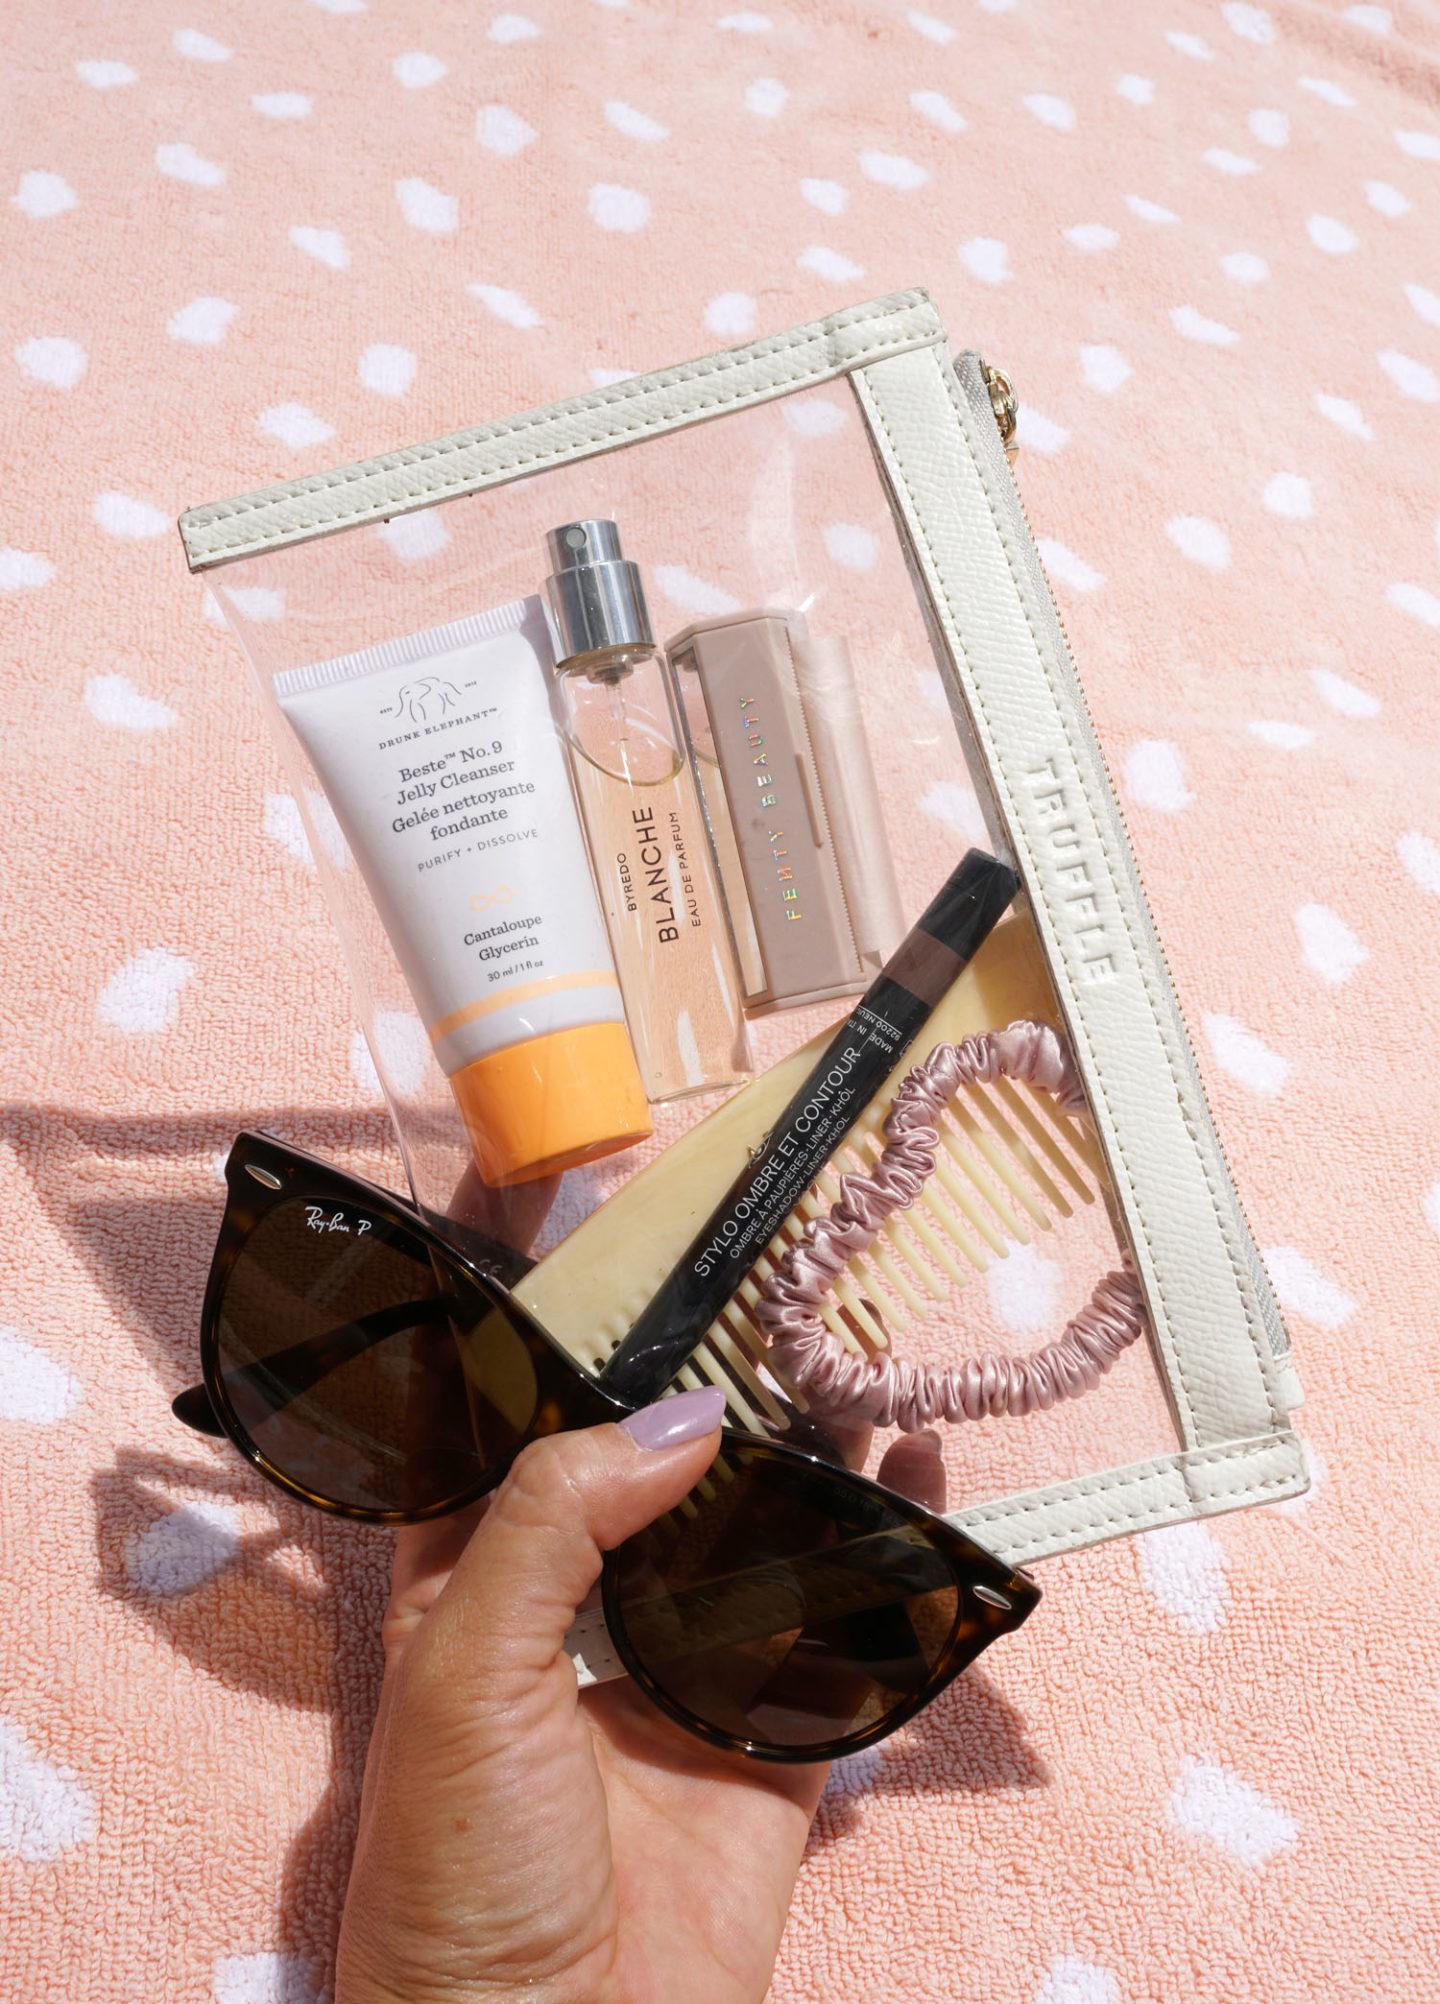 Ce qui est dans mon sac, trousse de maquillage transparente Truffle Mini | Le look book beauté